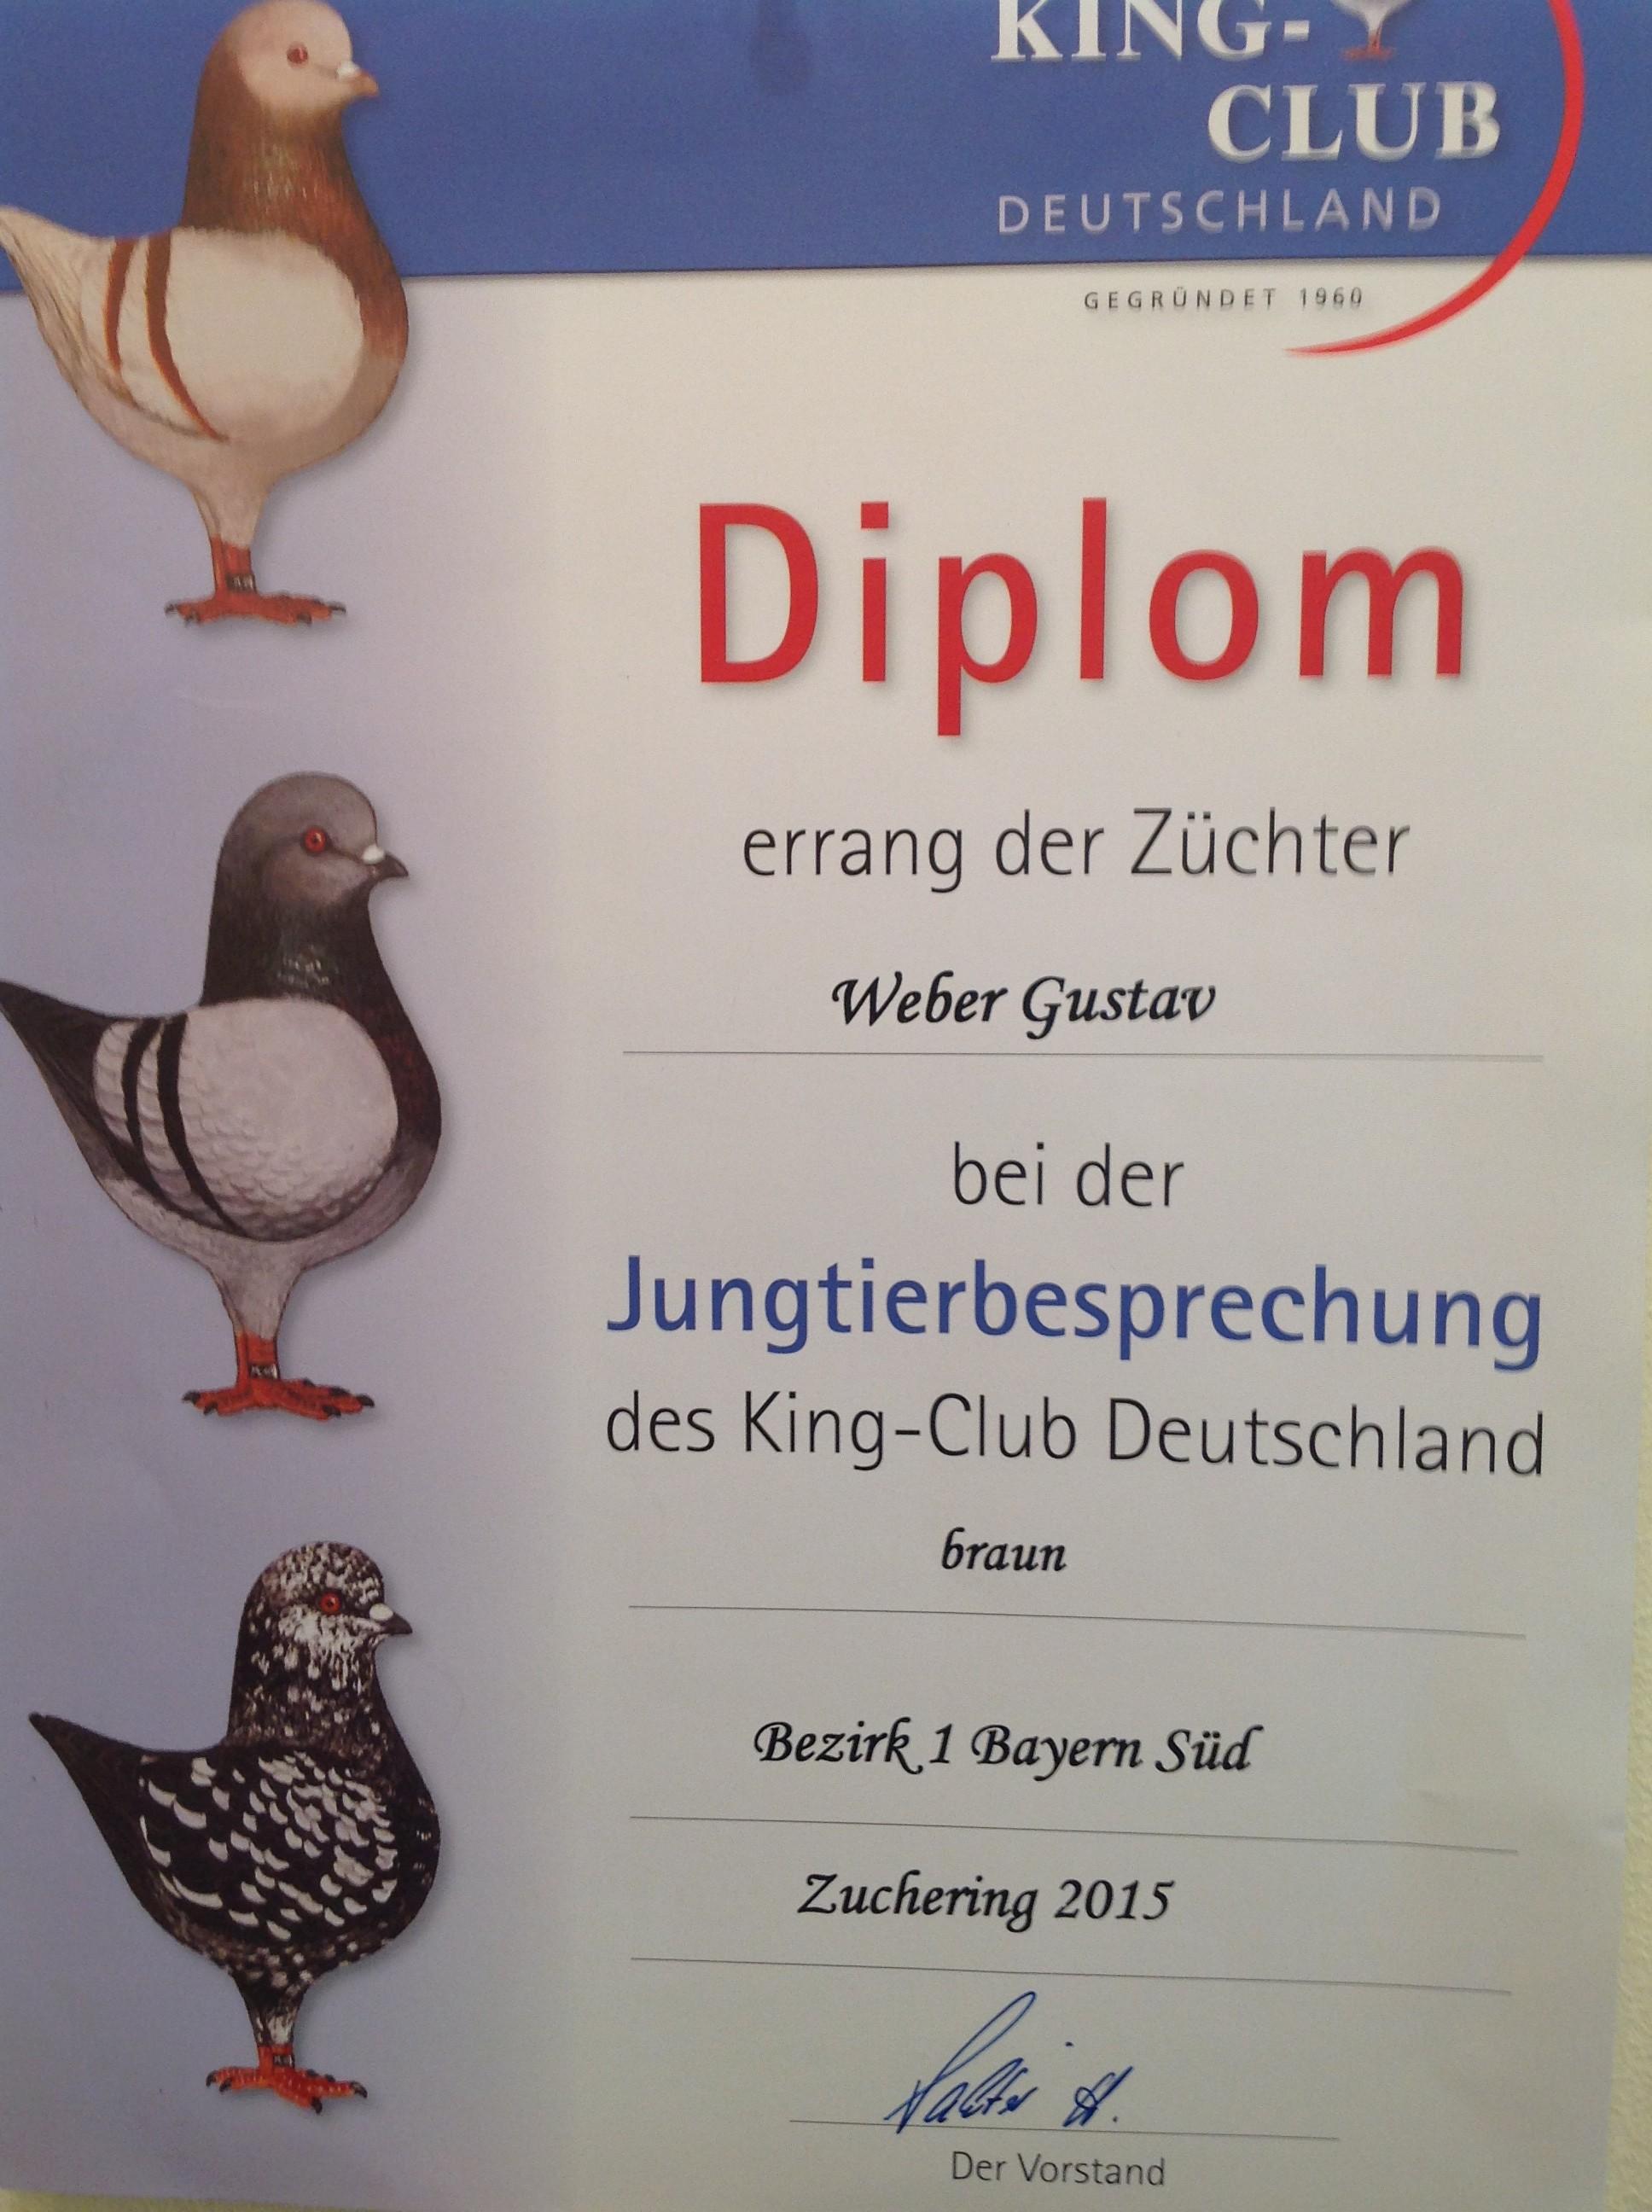 JTB KCD 2015 Bez.1 in Zuchering HV Diplom auf 0.1 Braun